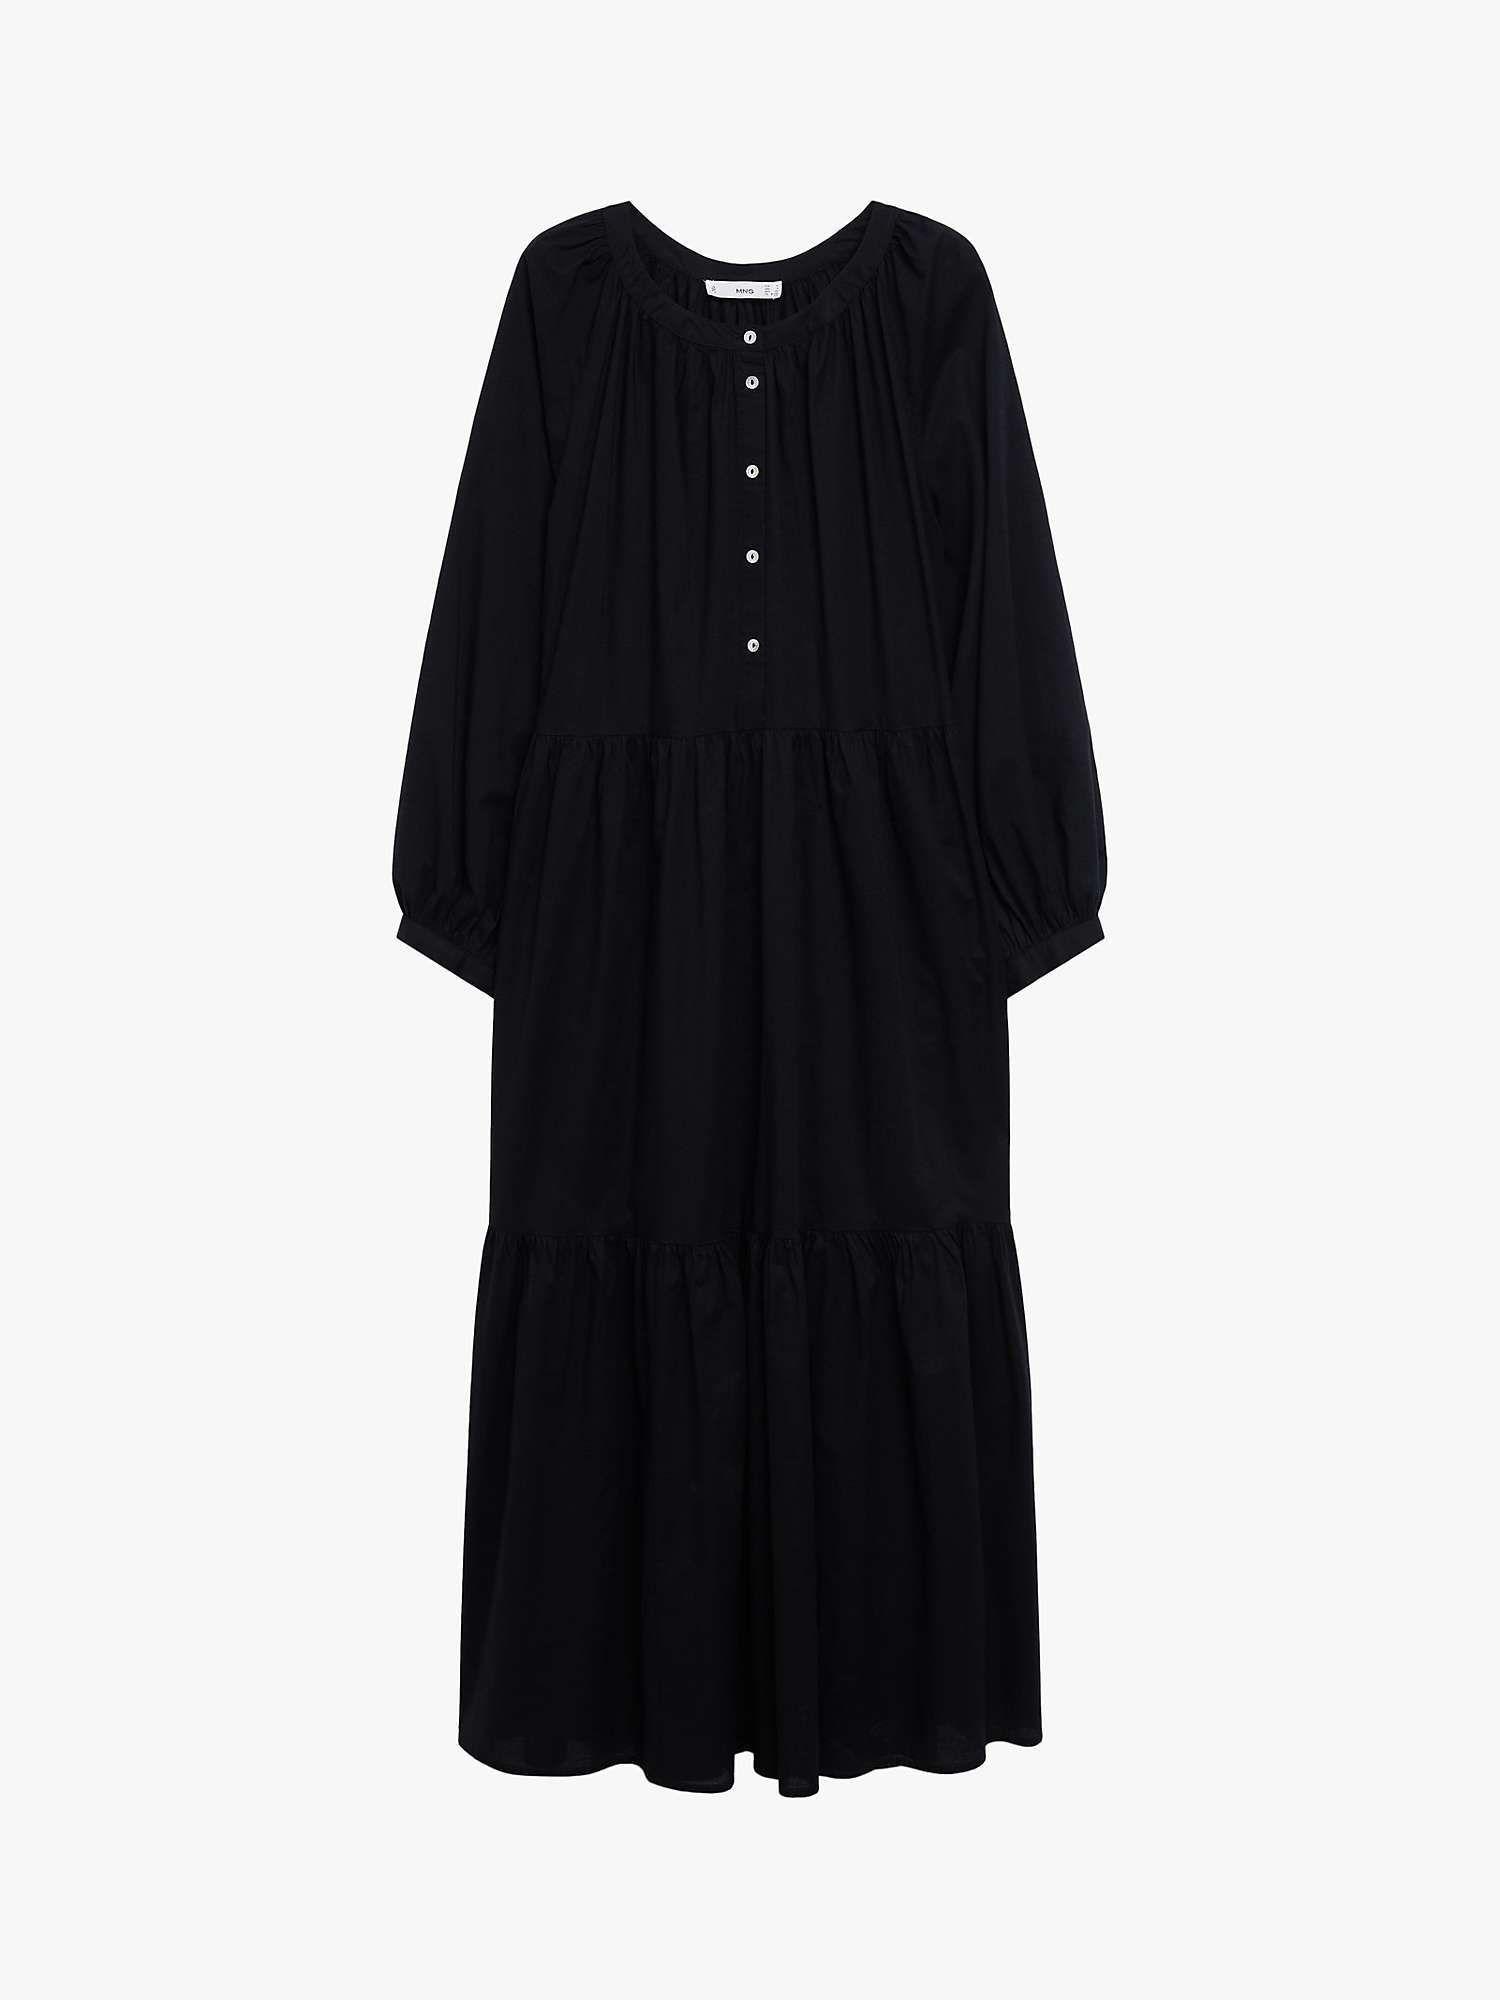 #PopbelaOOTD: Rekomendasi Dress Hitam Kasual untuk Sehari-hari